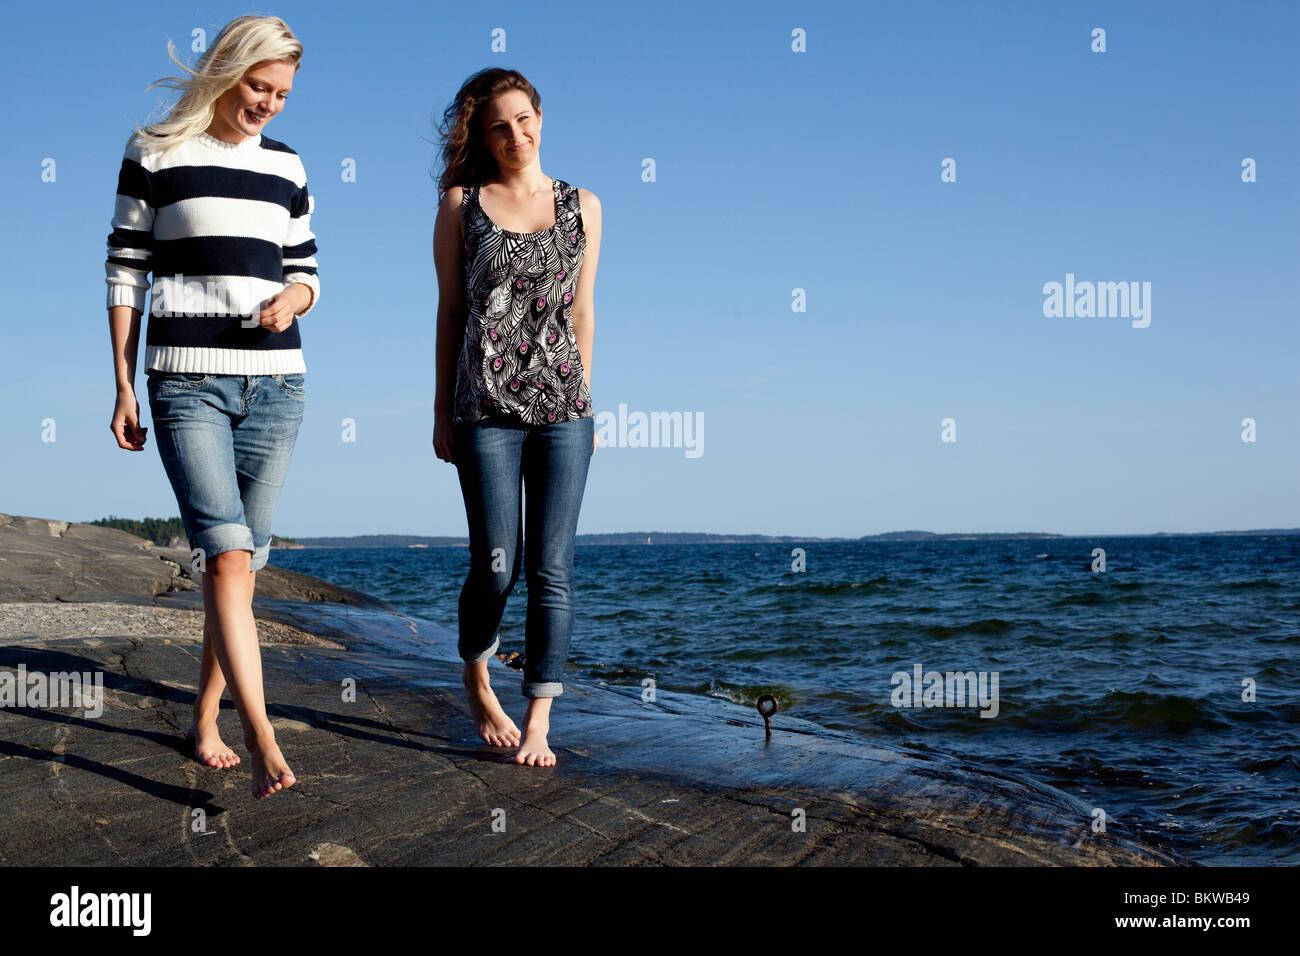 Schlendern Sie am Meer Stockbild